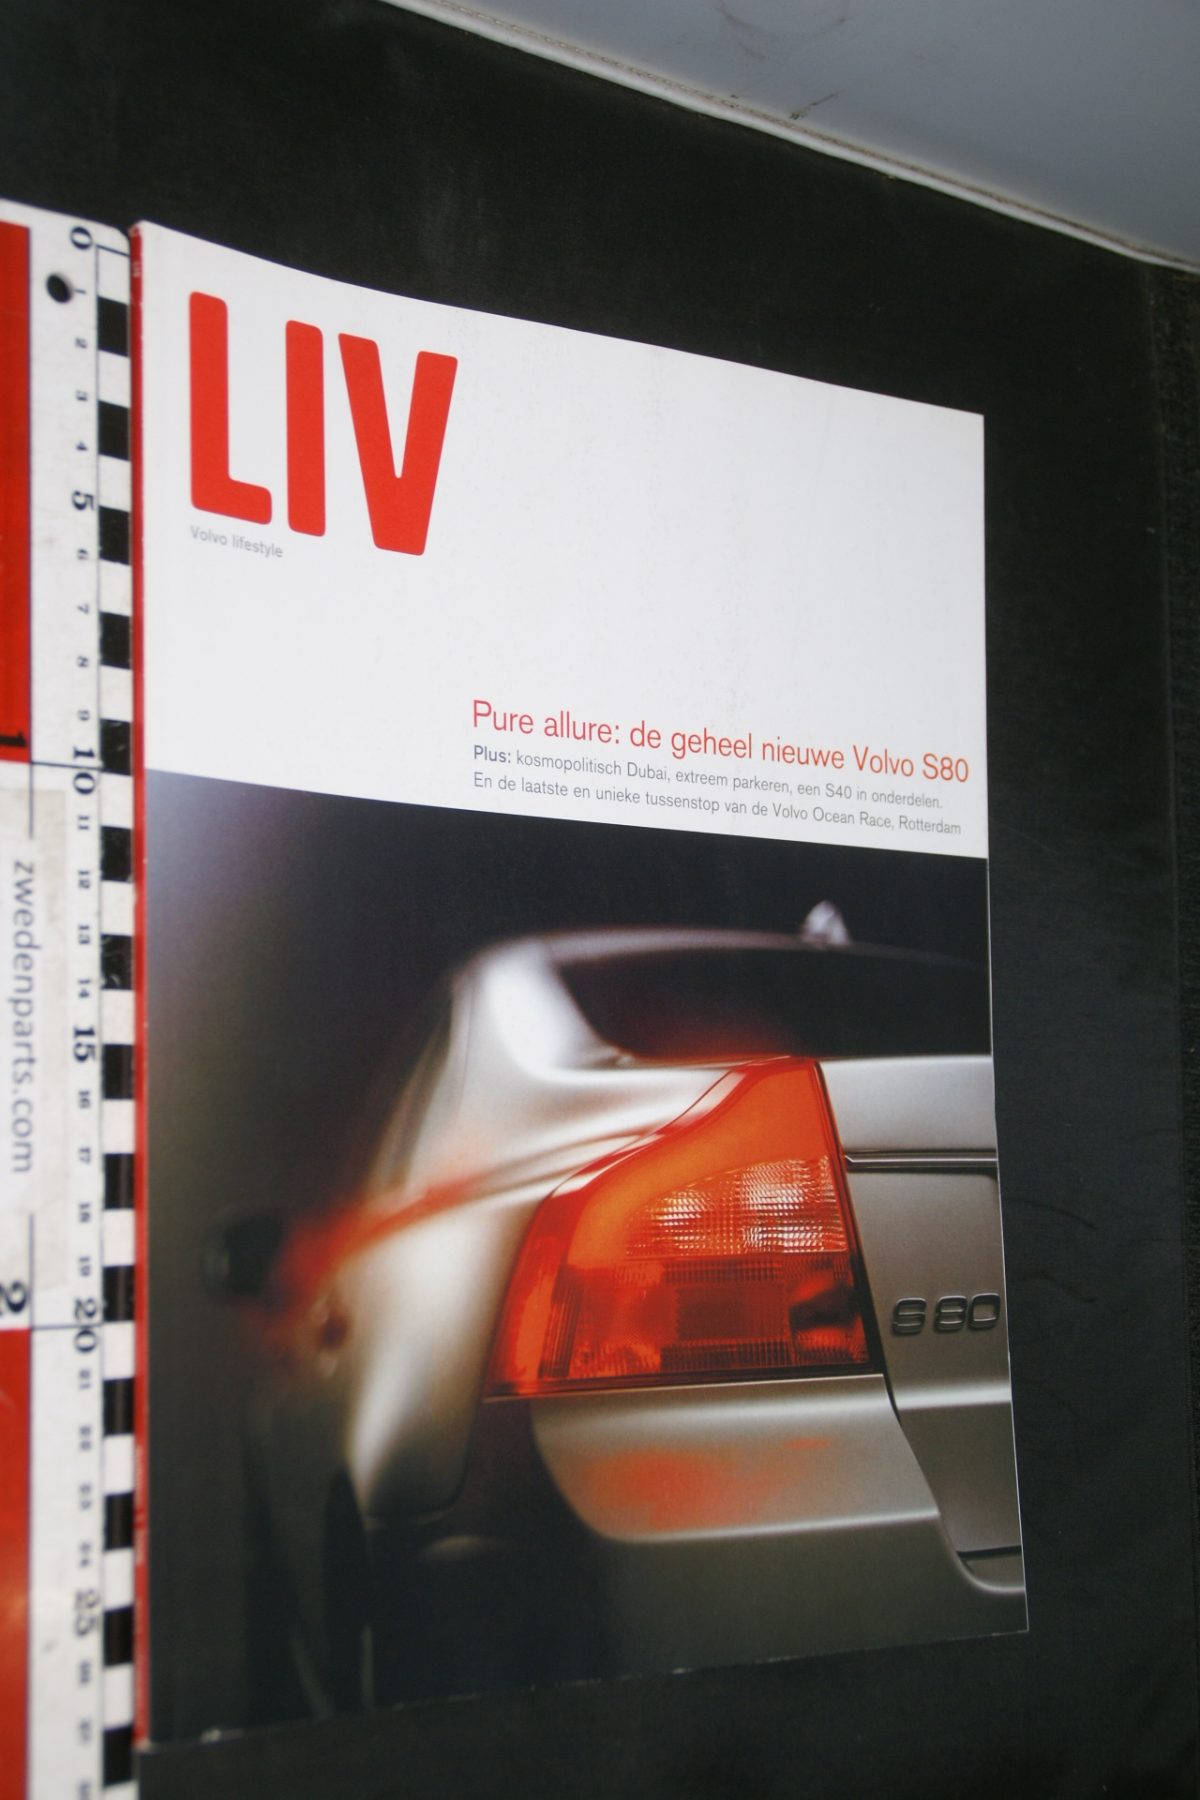 DSC05135 2006 tijdschrift Volvo LIV nr 1